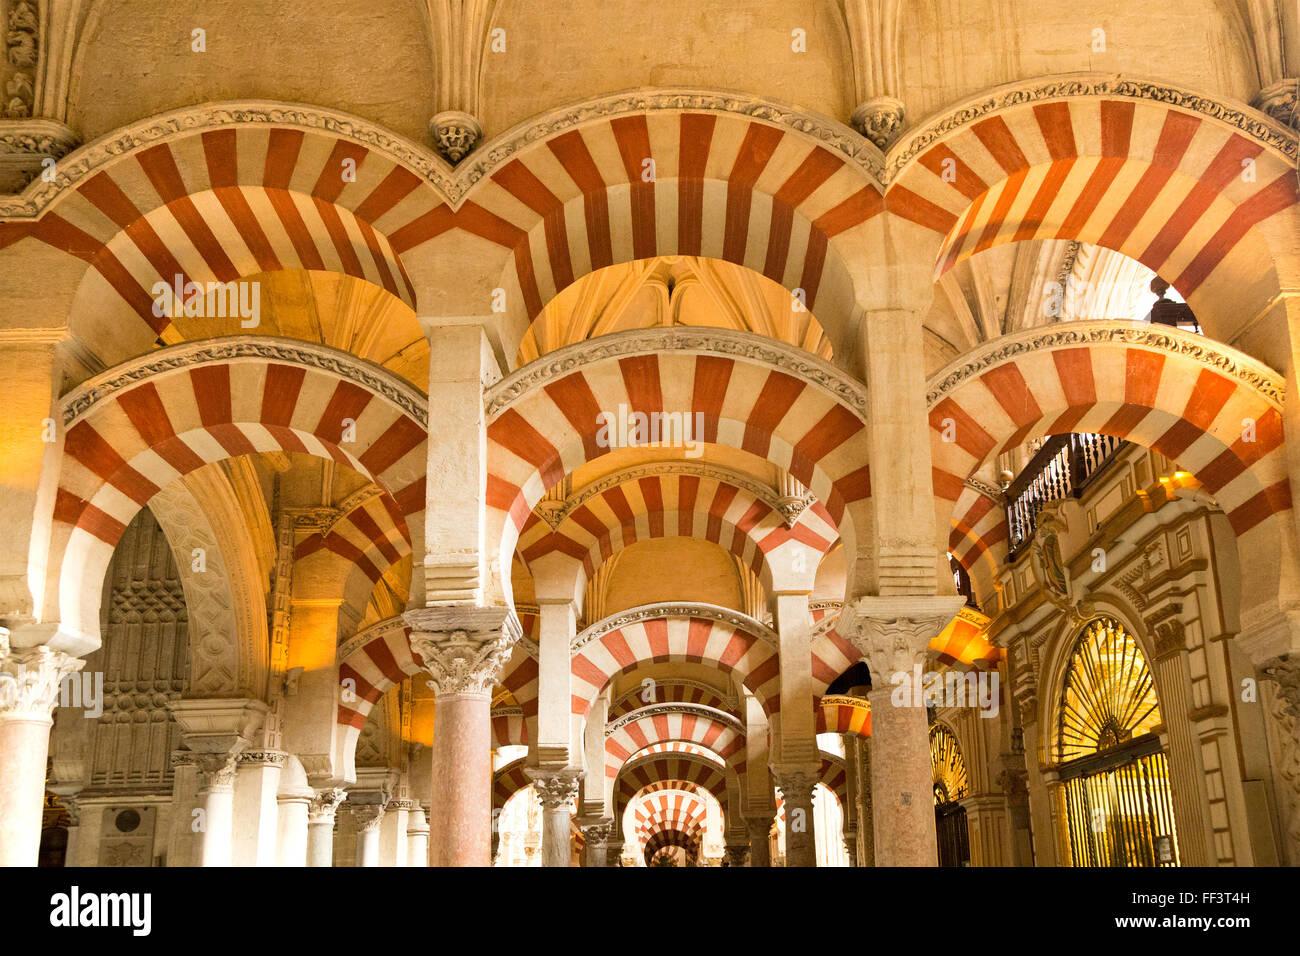 Archi moreschi nell'ex moschea cattedrale ora, Cordoba, Spagna Immagini Stock